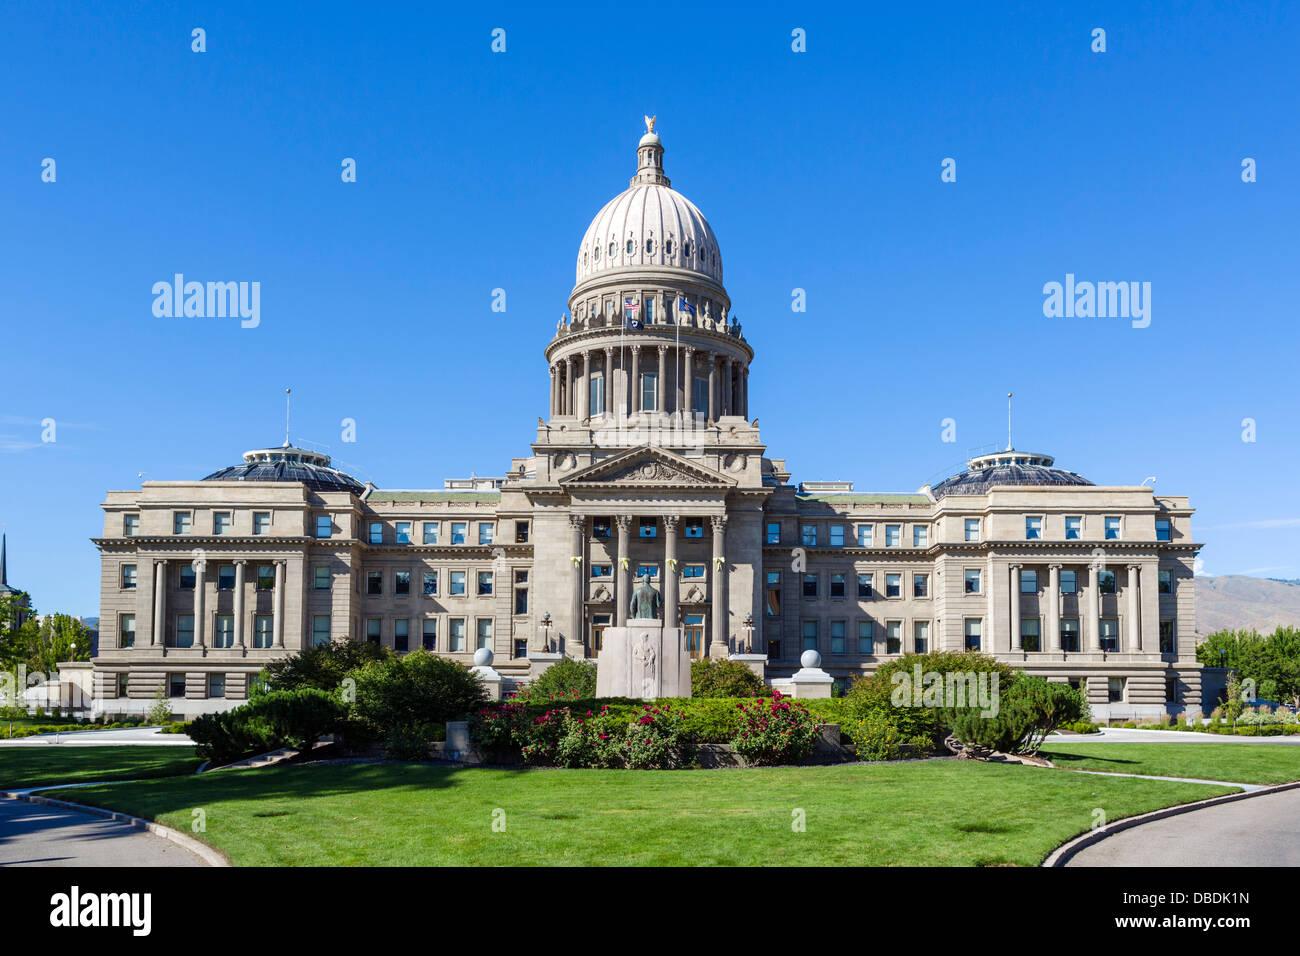 Idaho State Capitol building, Boise, Idaho, USA - Stock Image